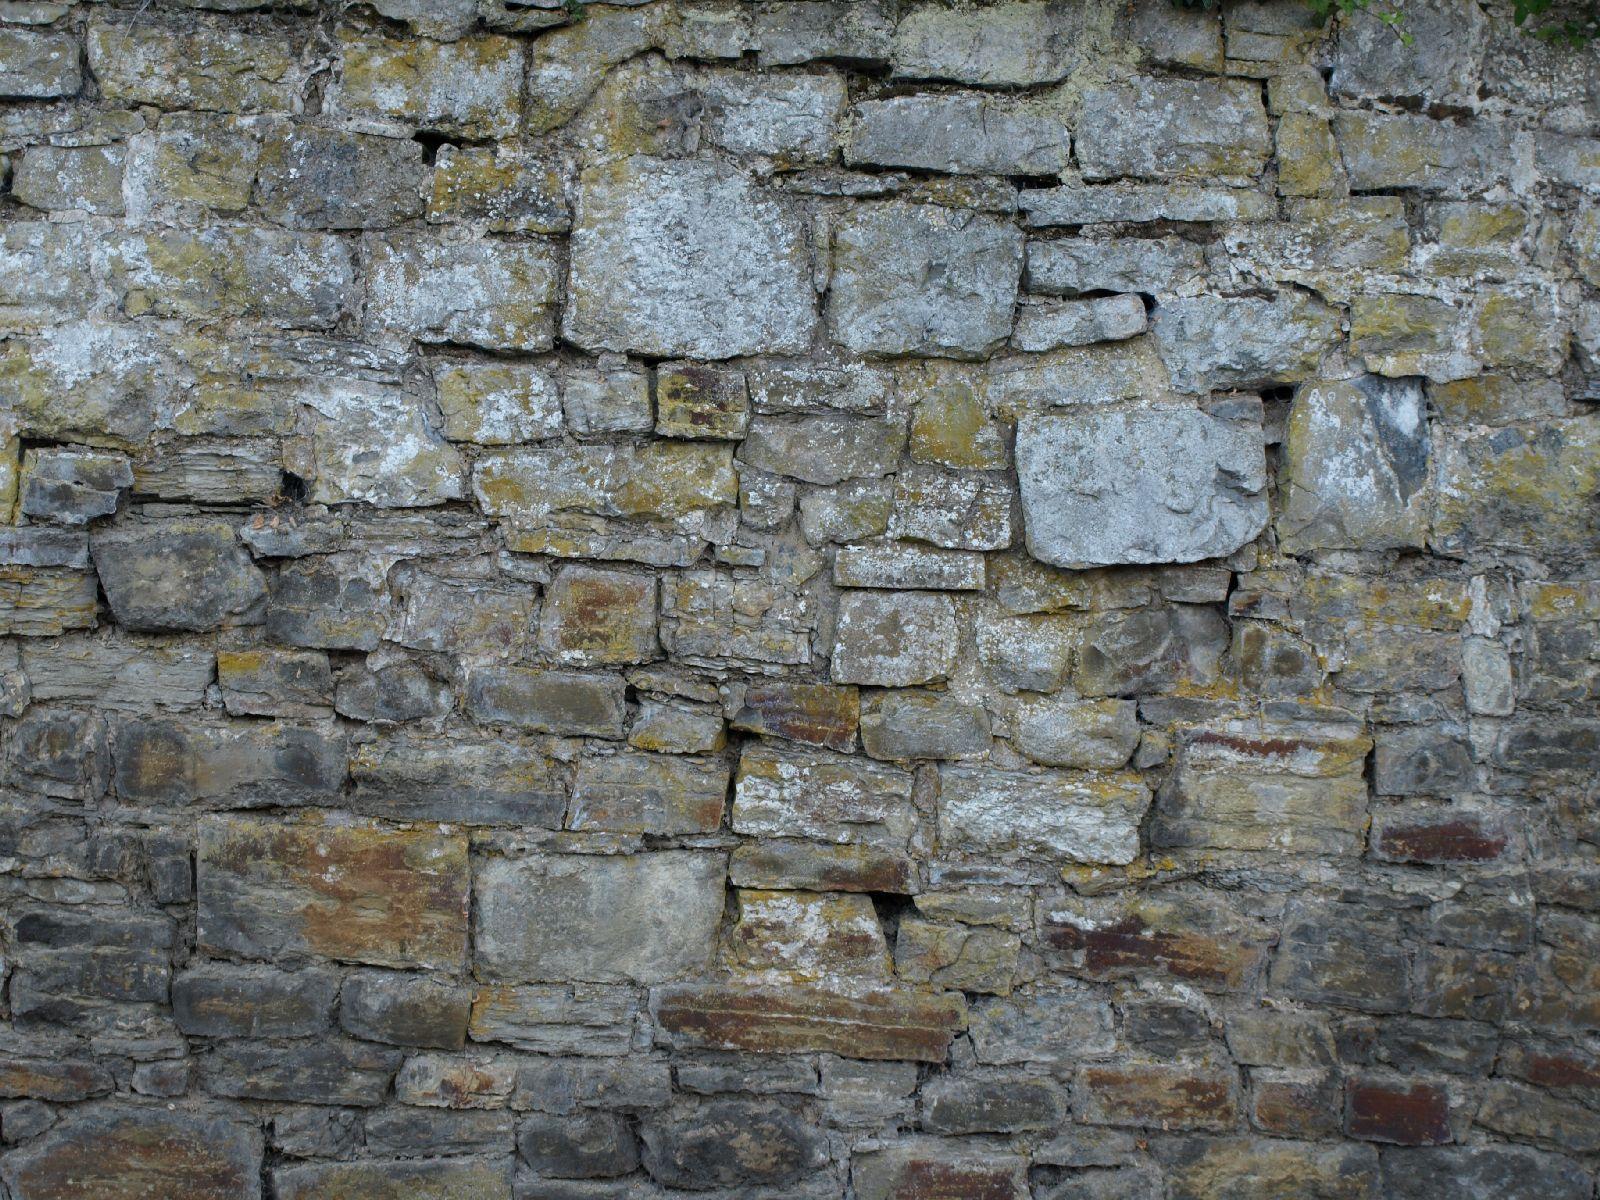 Wand-Bruchstein_Textur_A_P8164424